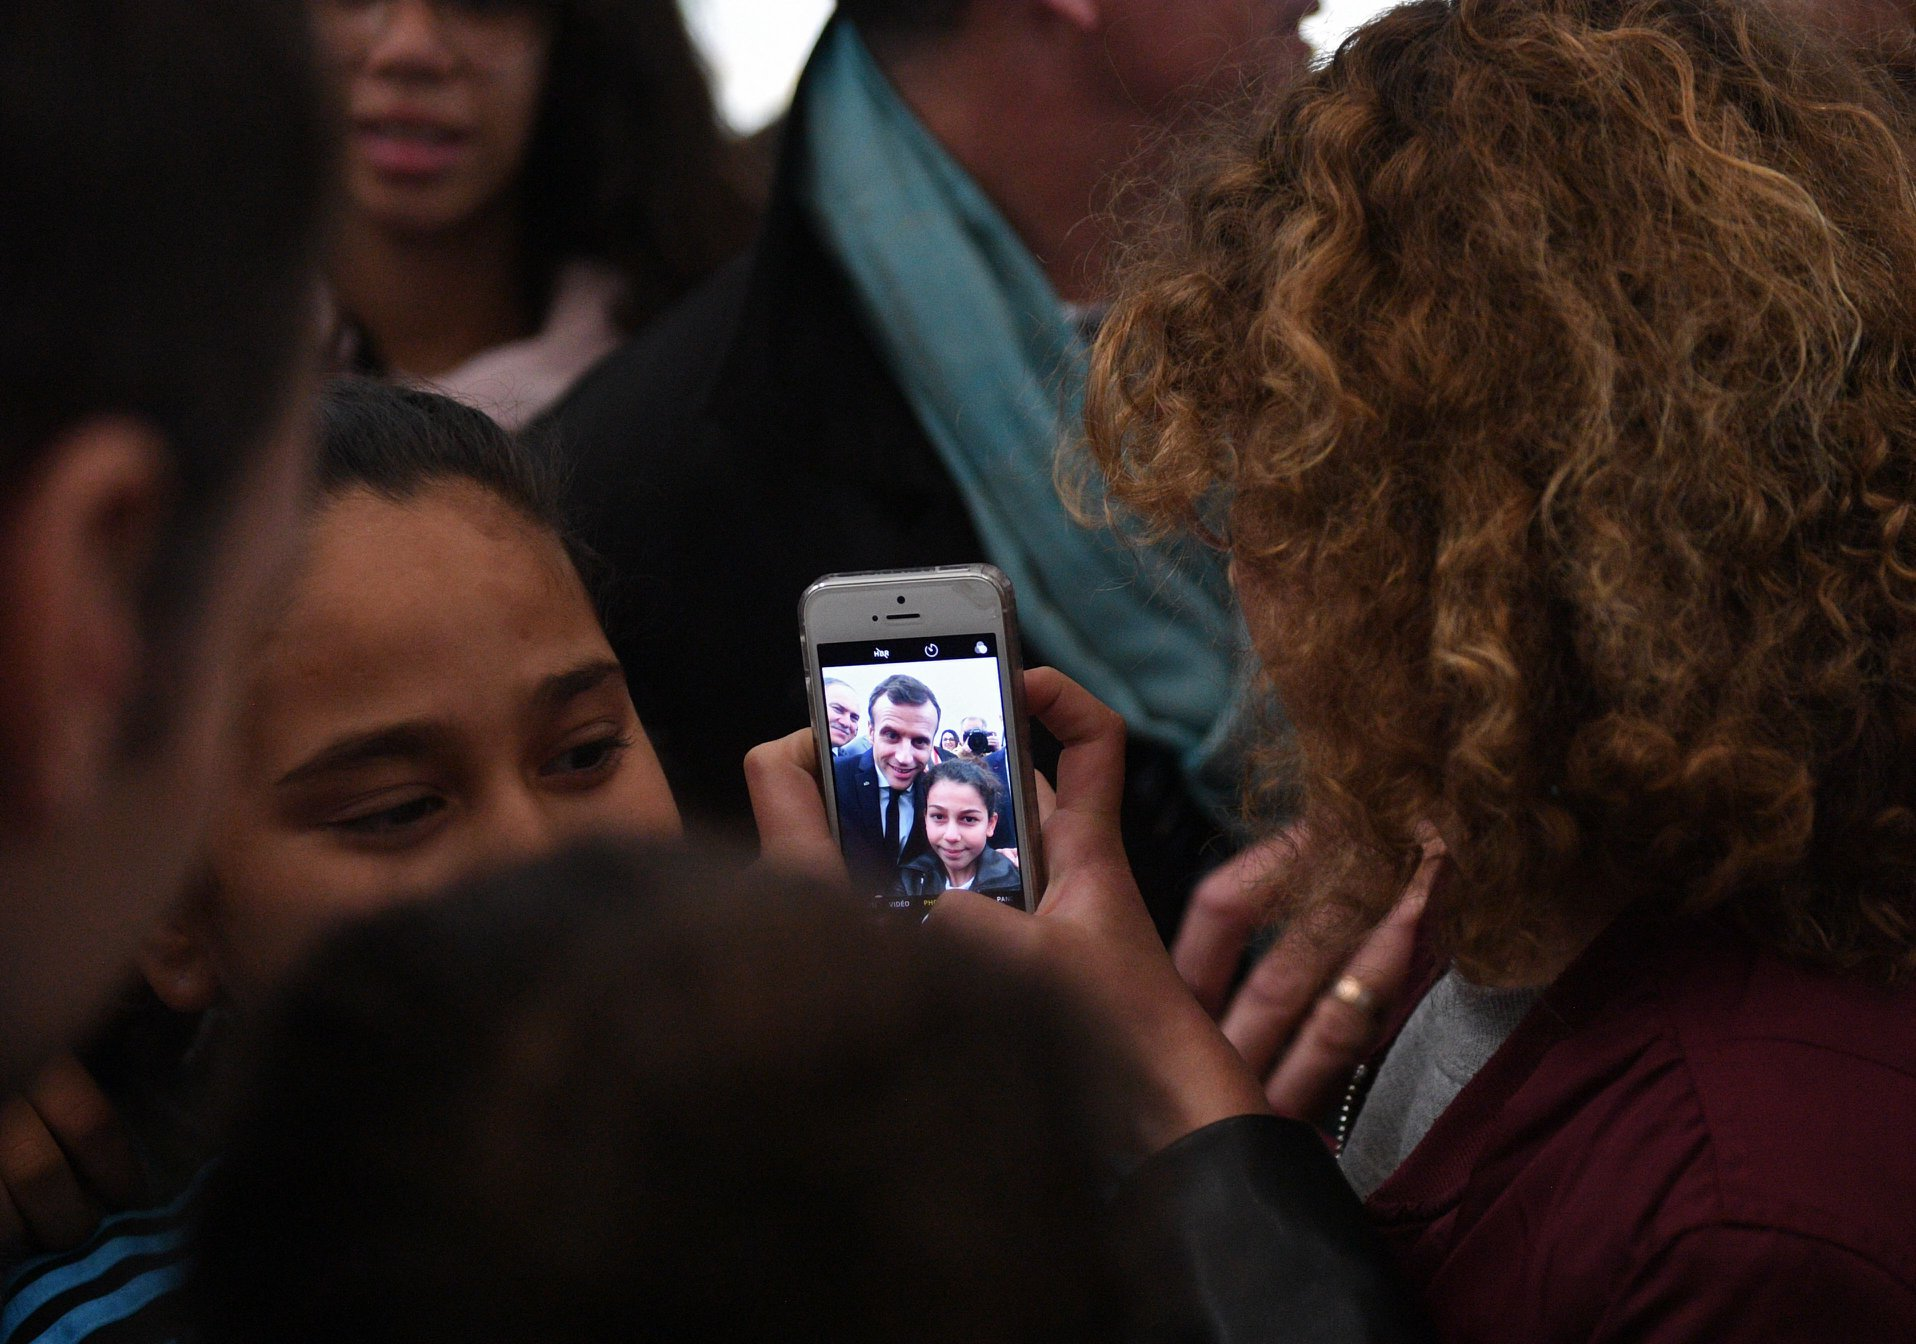 على هامش زيارة الرئيس الفرنسي الأخيرة: ما لم يُوٓضّح في مسألة إنعاش الفرنكفونية